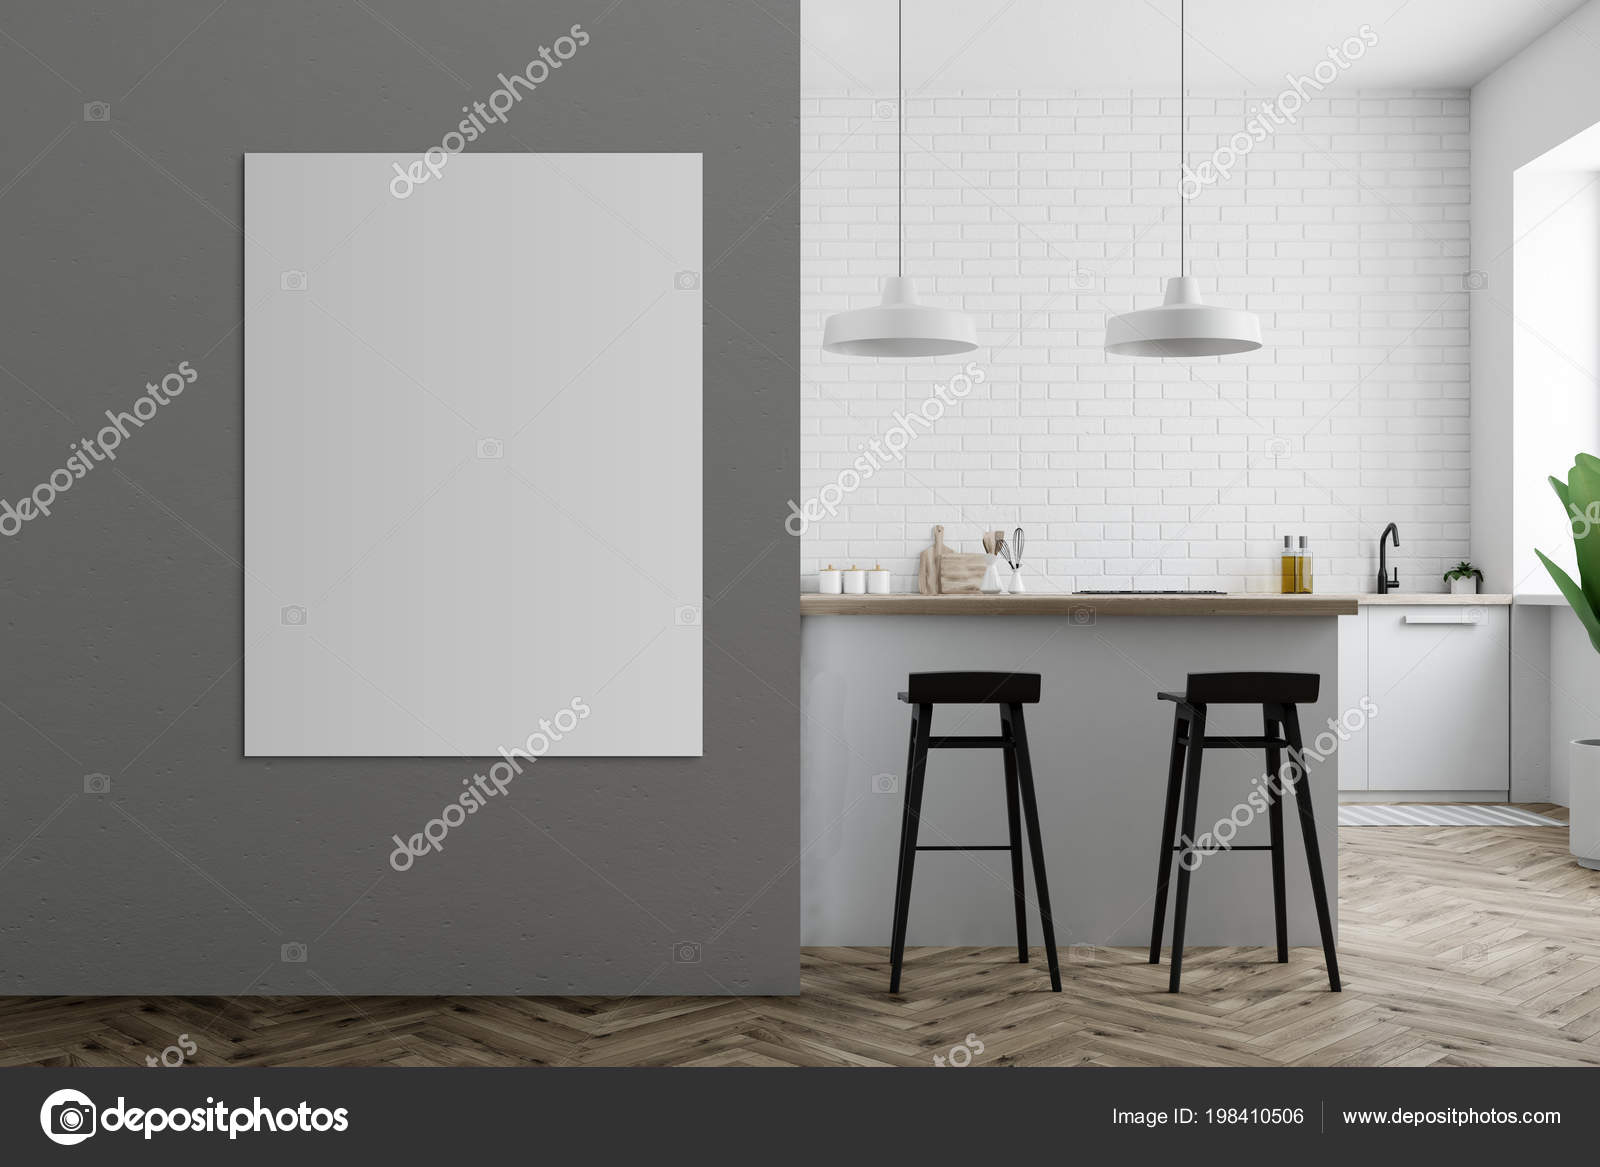 Interiore della cucina grigio con ripiani bianchi bar con sgabelli